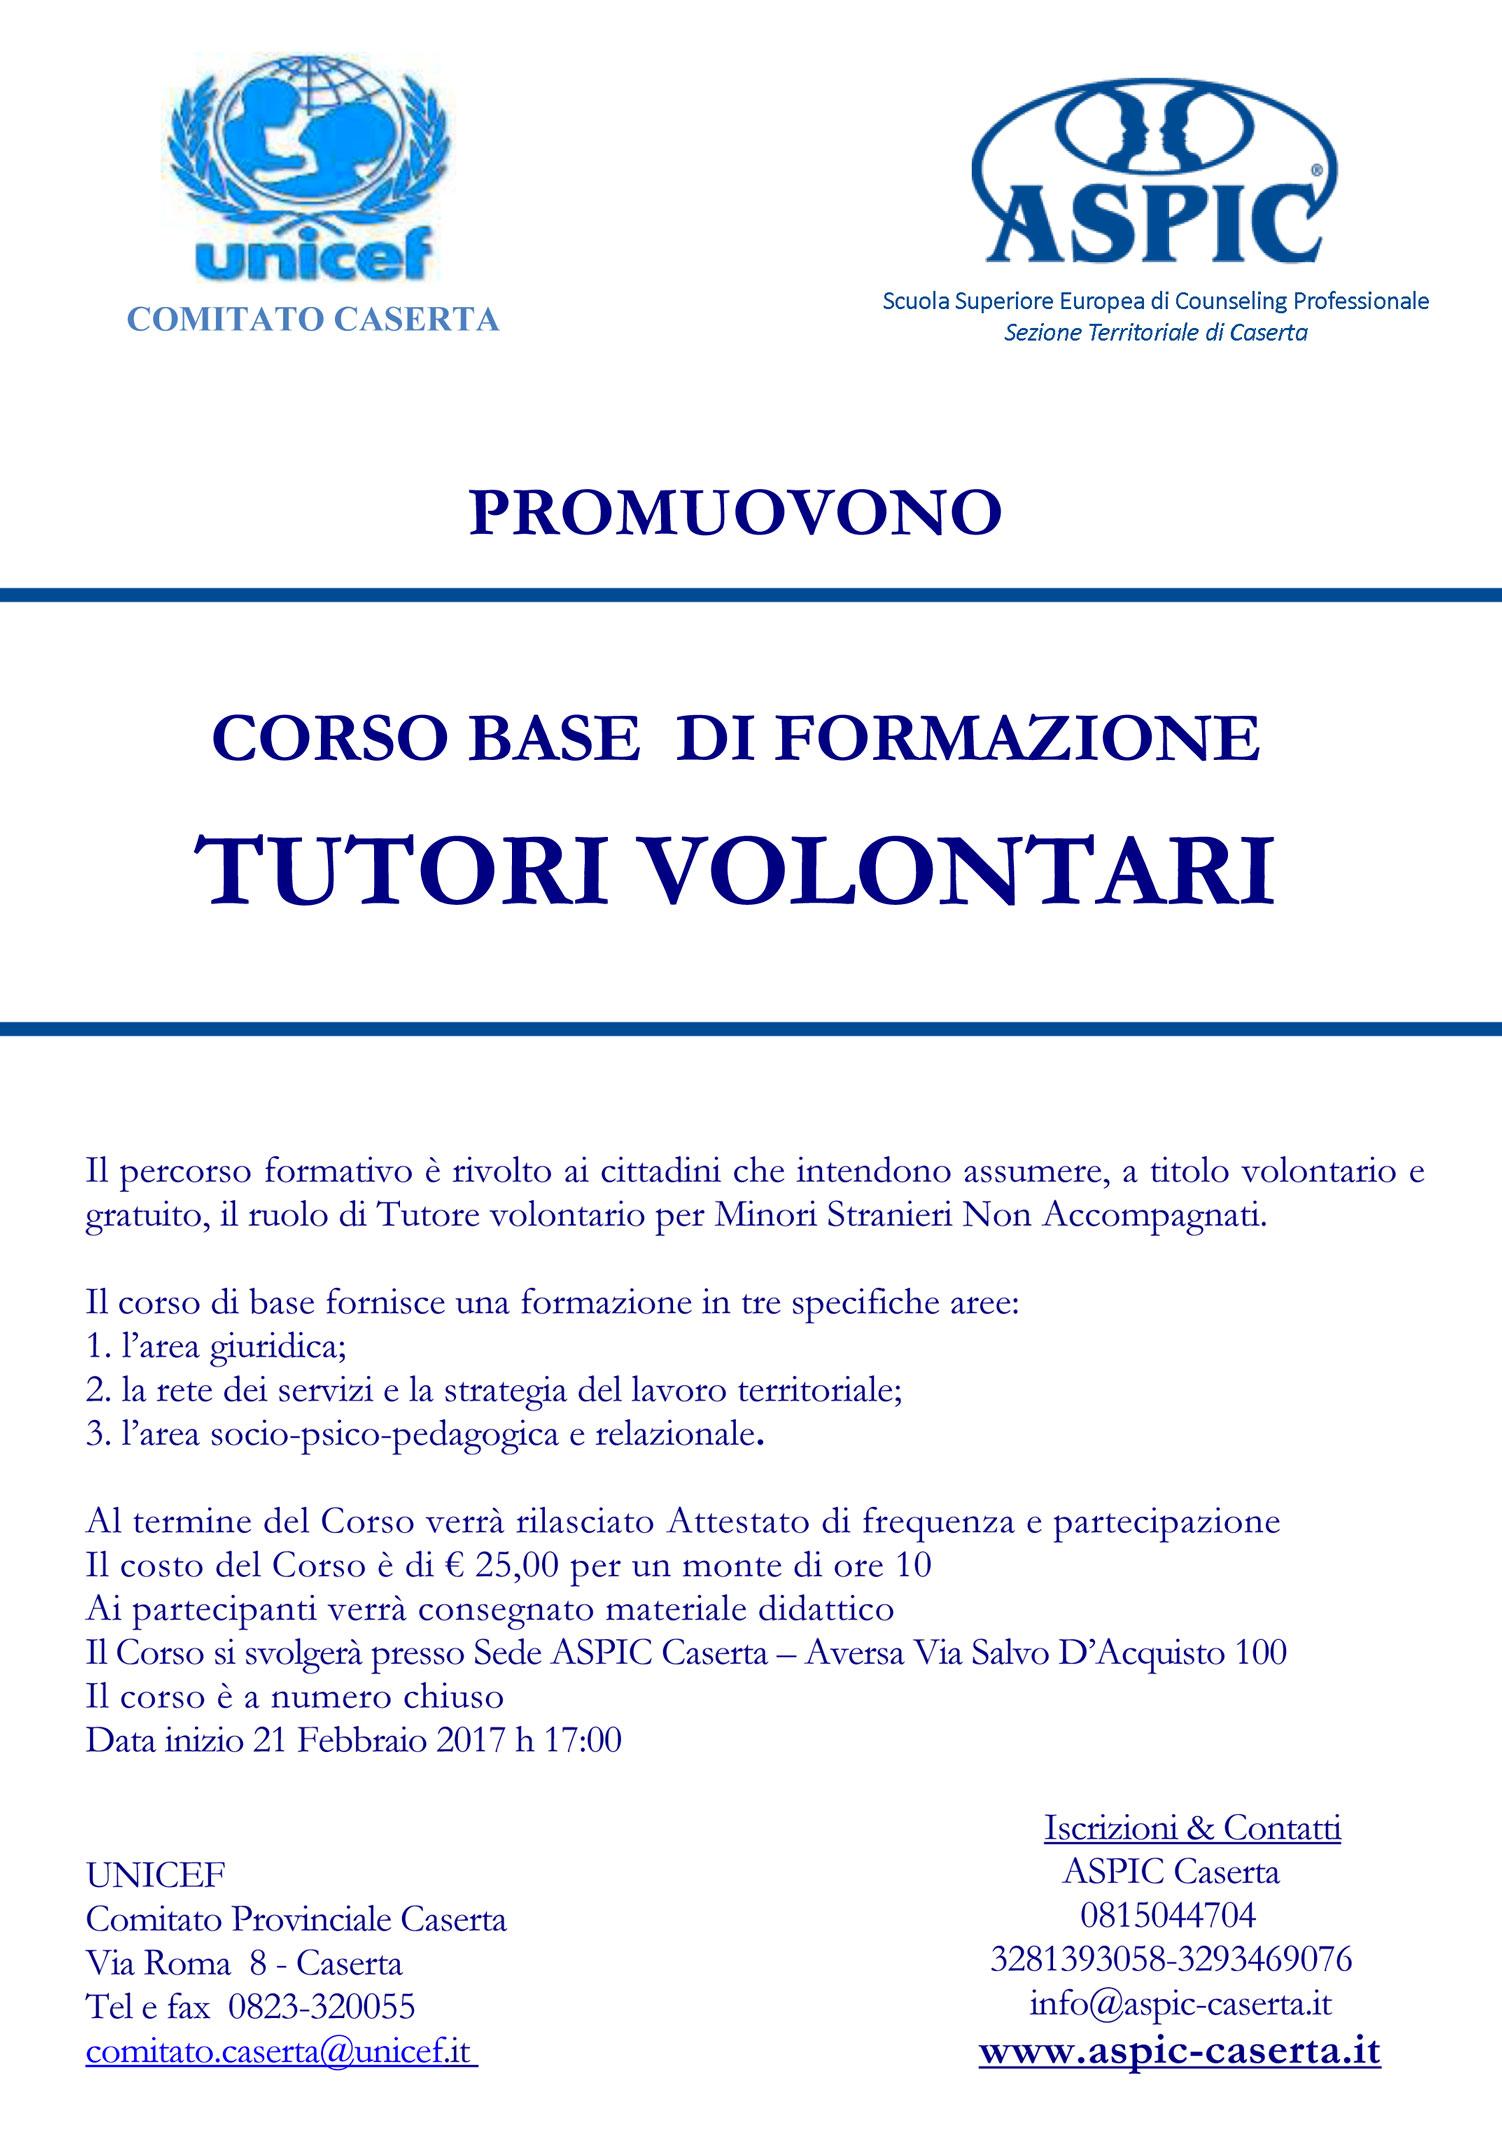 Locandina-Corso-tutori-volontari-Definitivo